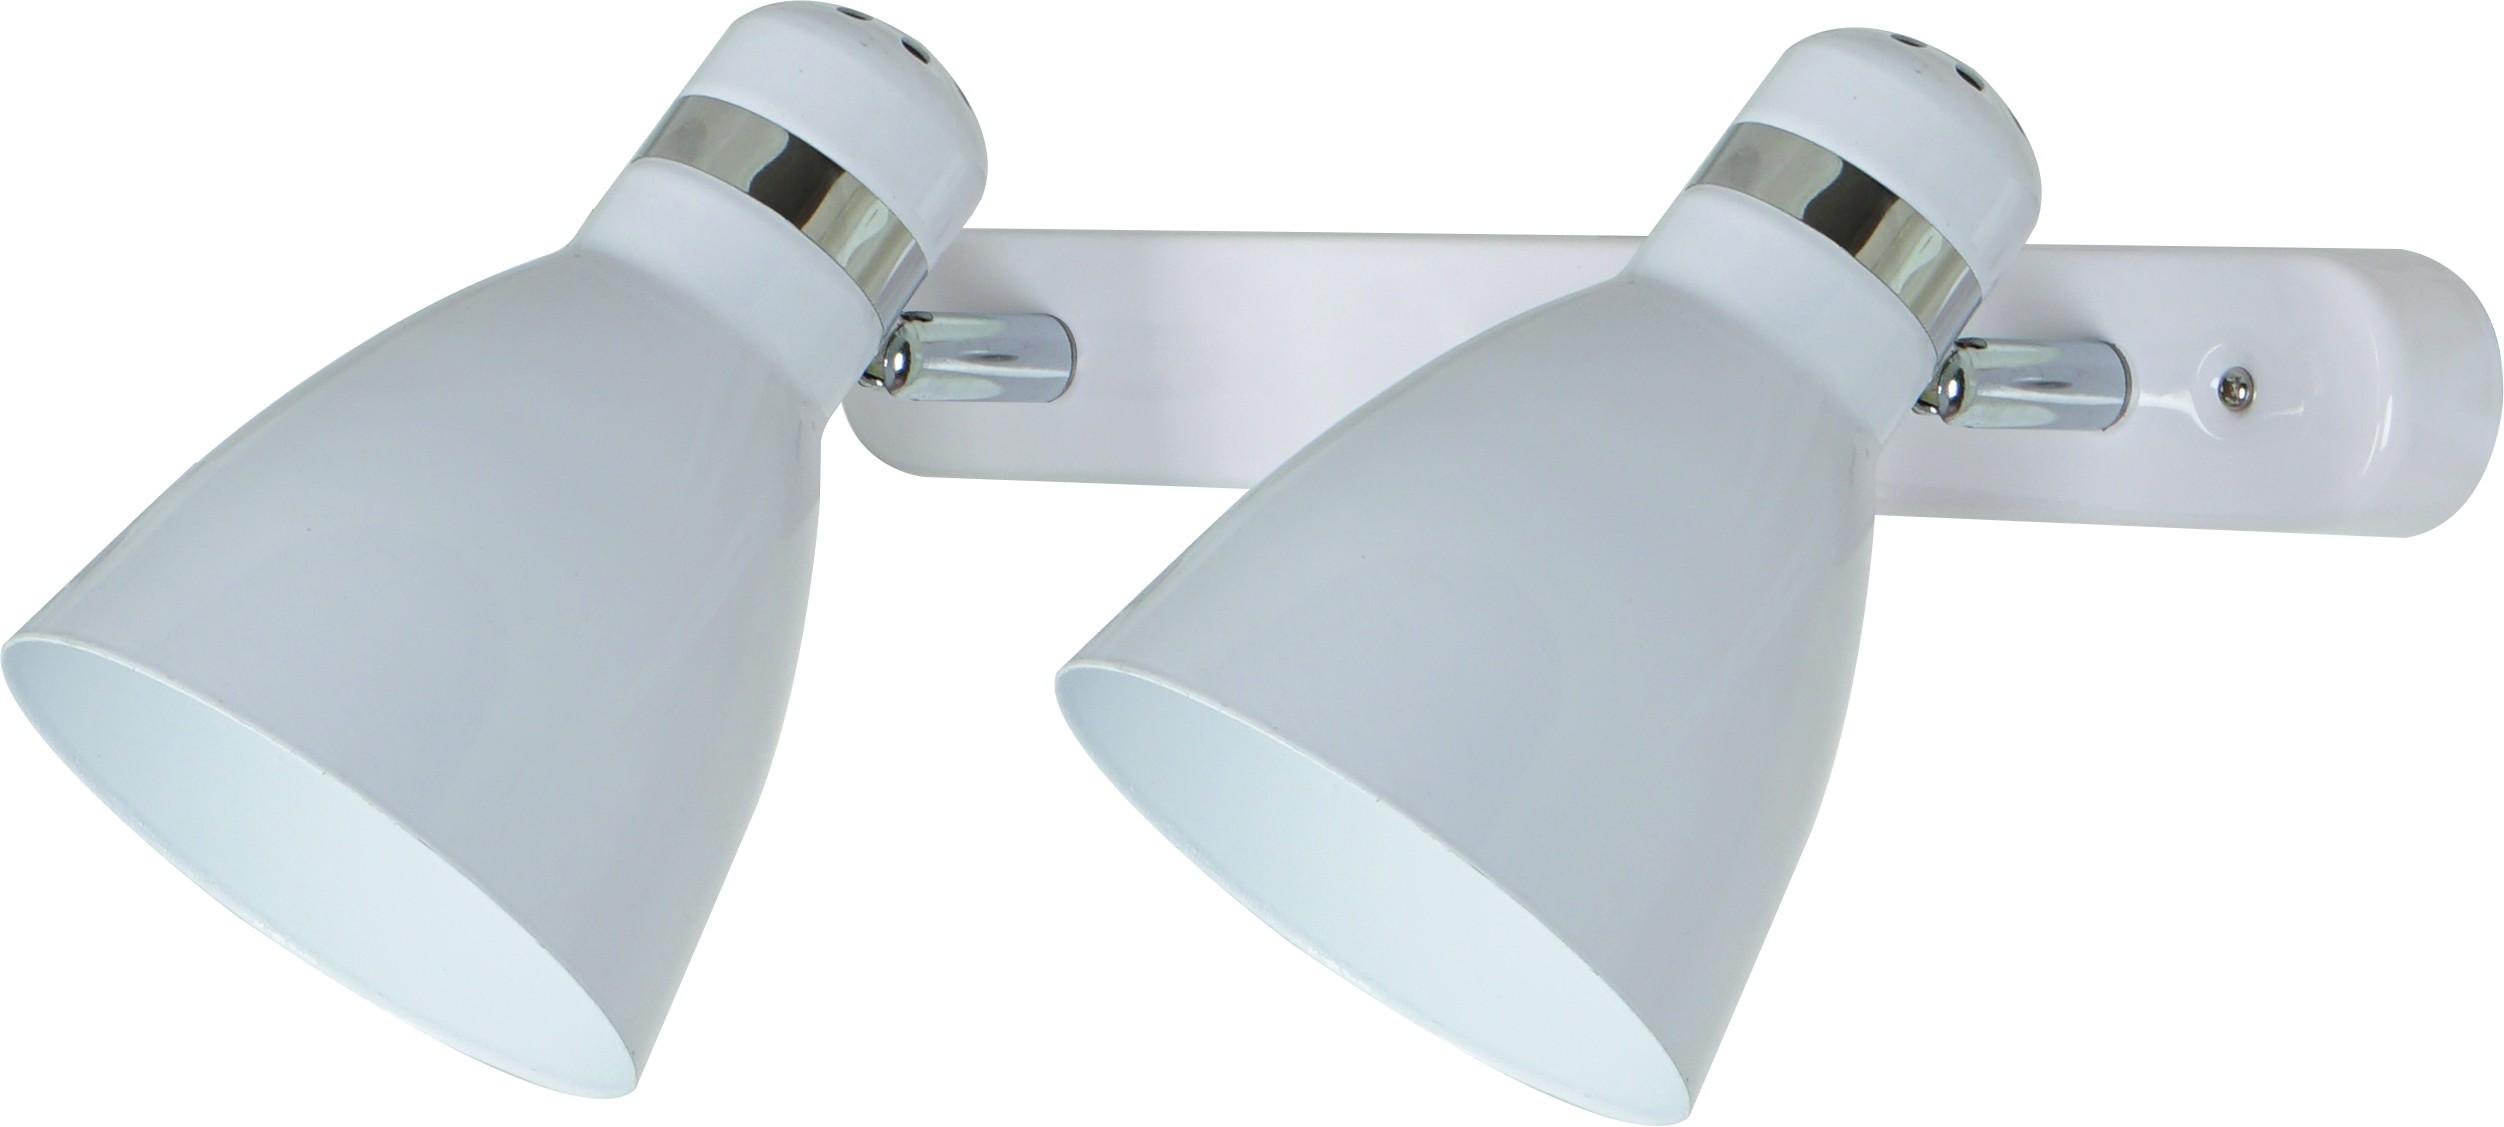 Спот Arte lamp A5049ap-2wh спот arte lamp a5049ap 2wh